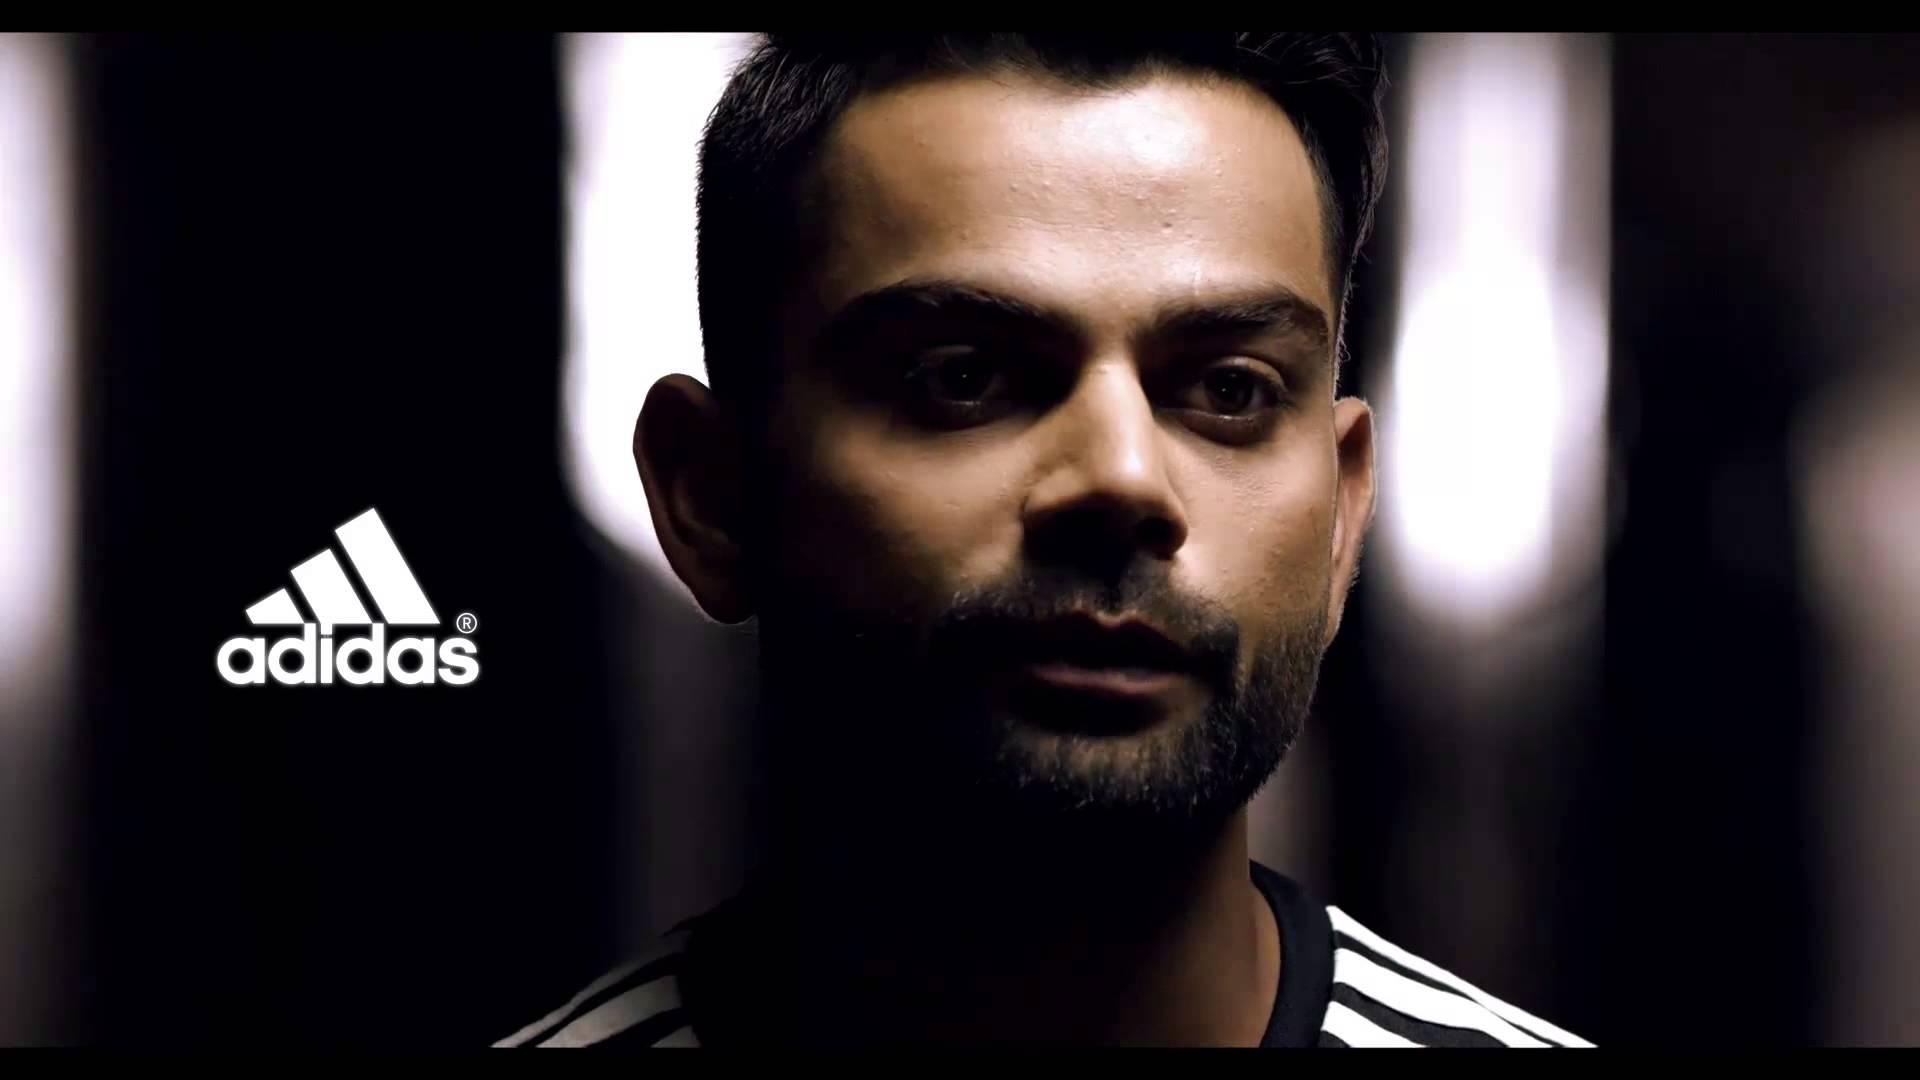 इंग्लैंड की वनडे सीरीज से पहले भारतीय कप्तान विराट कोहली के लिए आई बुरी खबर लगा बड़ा झटका 3